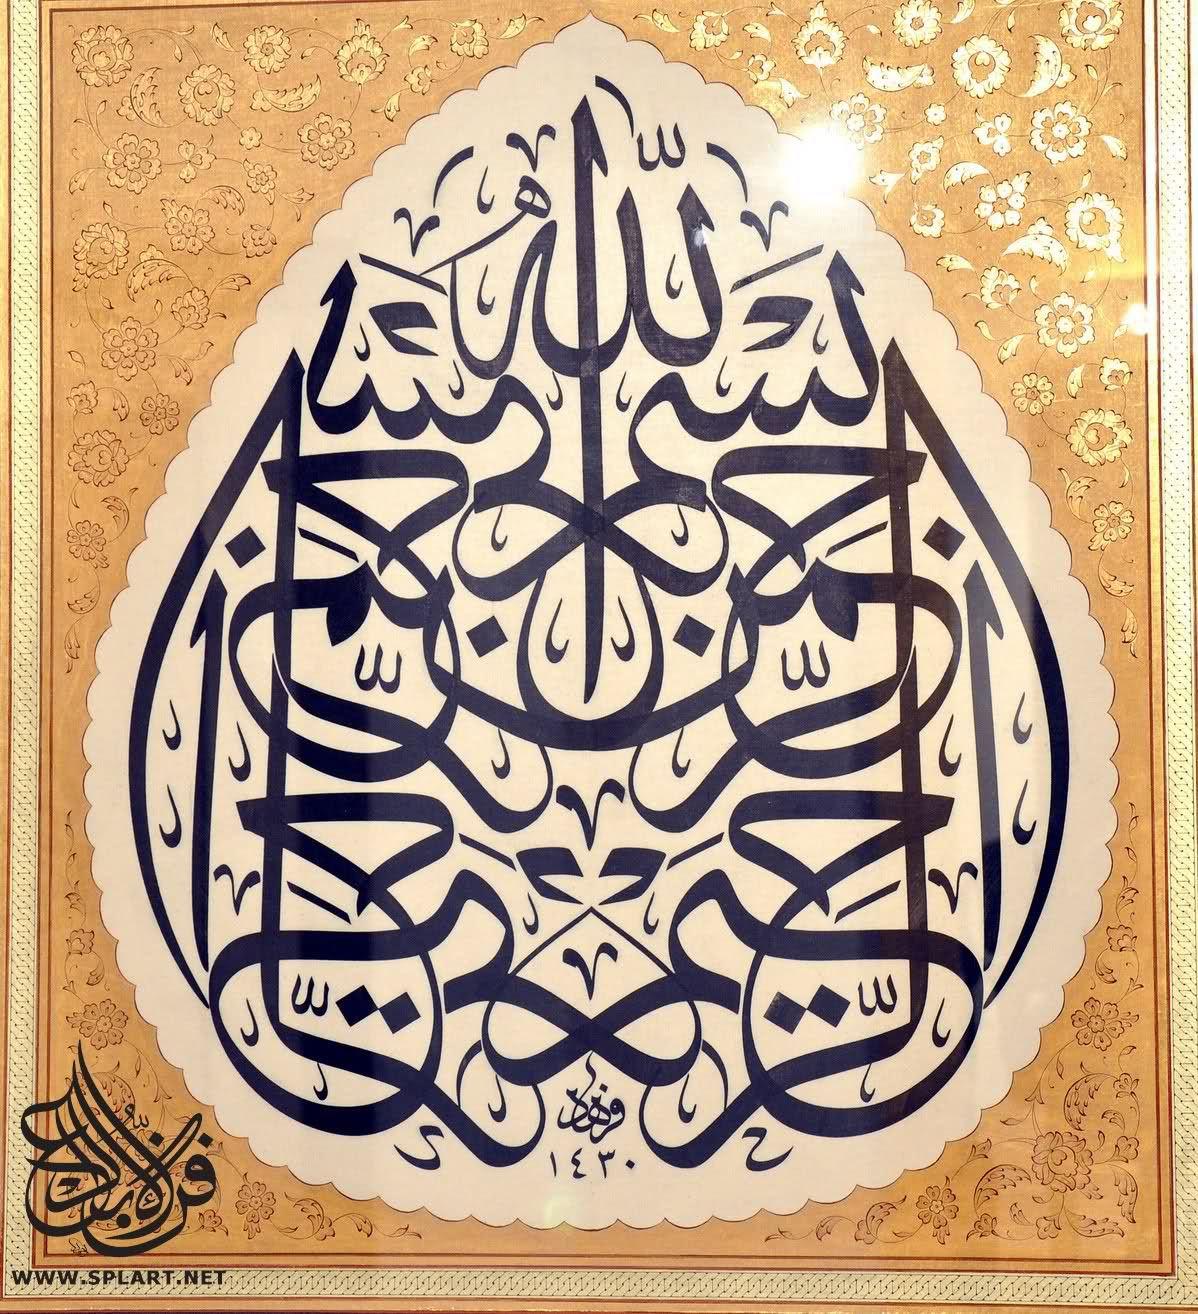 """Islamilaista kalligrafiaa: Sama teksti """"Basmala"""" eli """"Jumalan nimeen"""" useilla eri tyyleillä kirjoitettuna"""